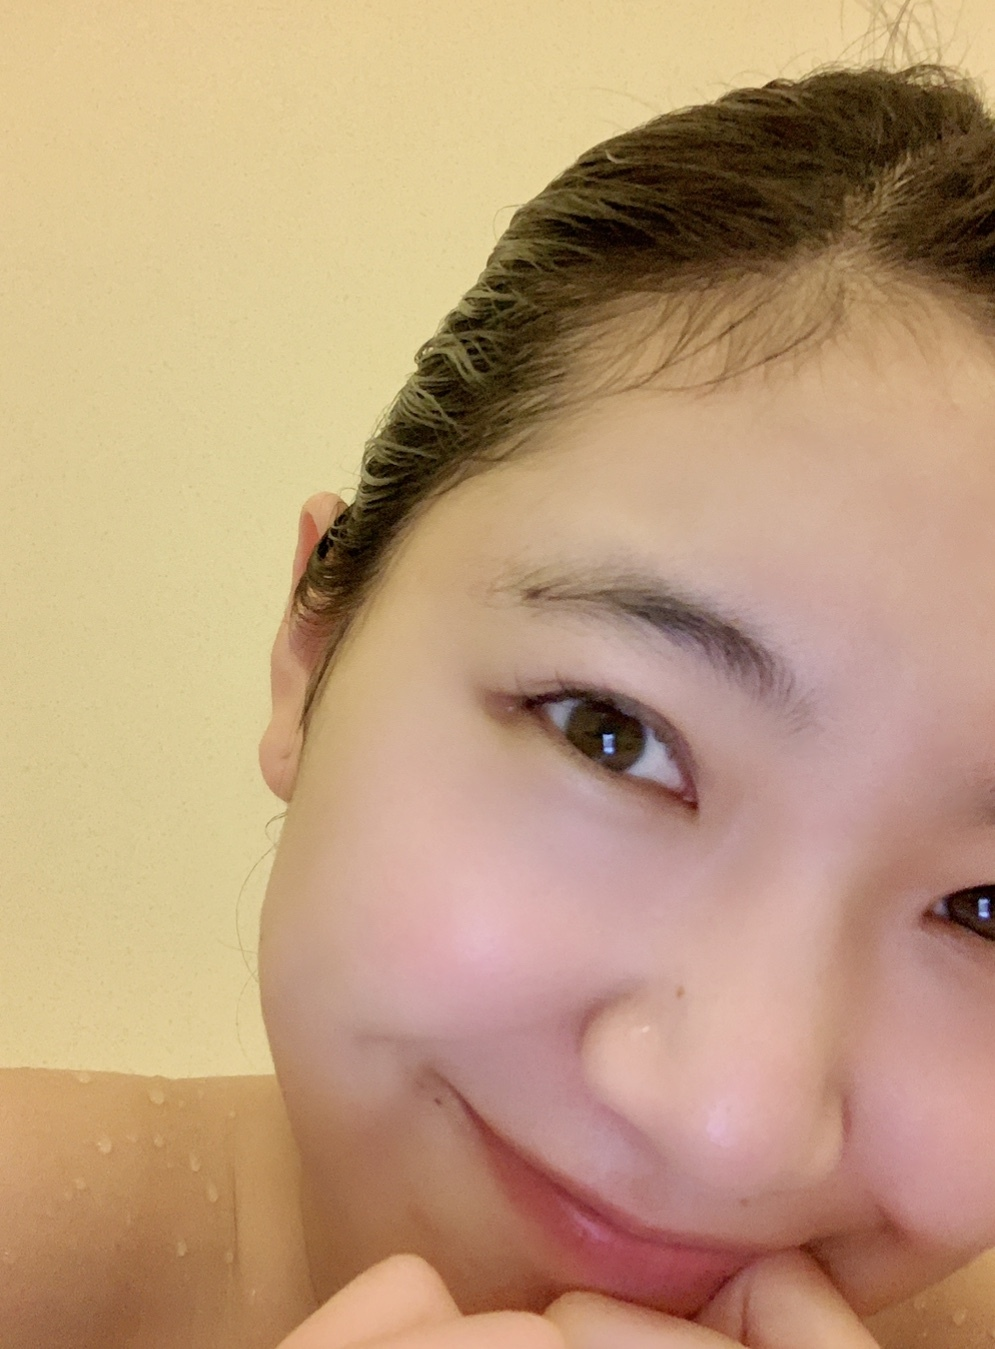 【おうち美容】お風呂でダイエット!!効率よく痩せちゃお?_1_4